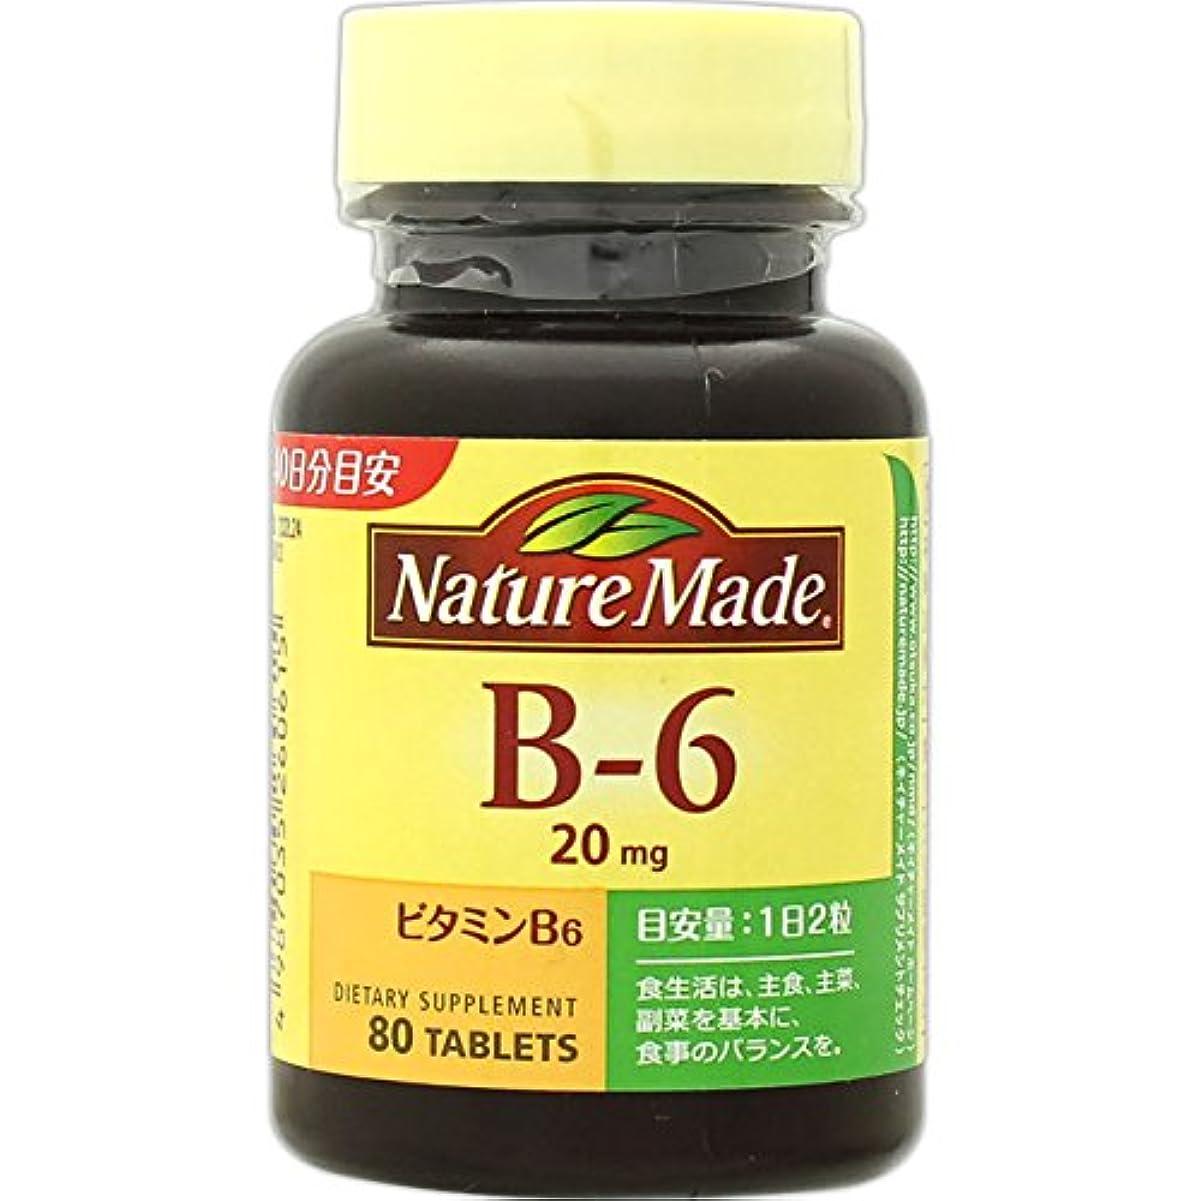 レビュアー寓話熟練した大塚製薬 ネイチャーメイドビタミンB6 80粒×2 907